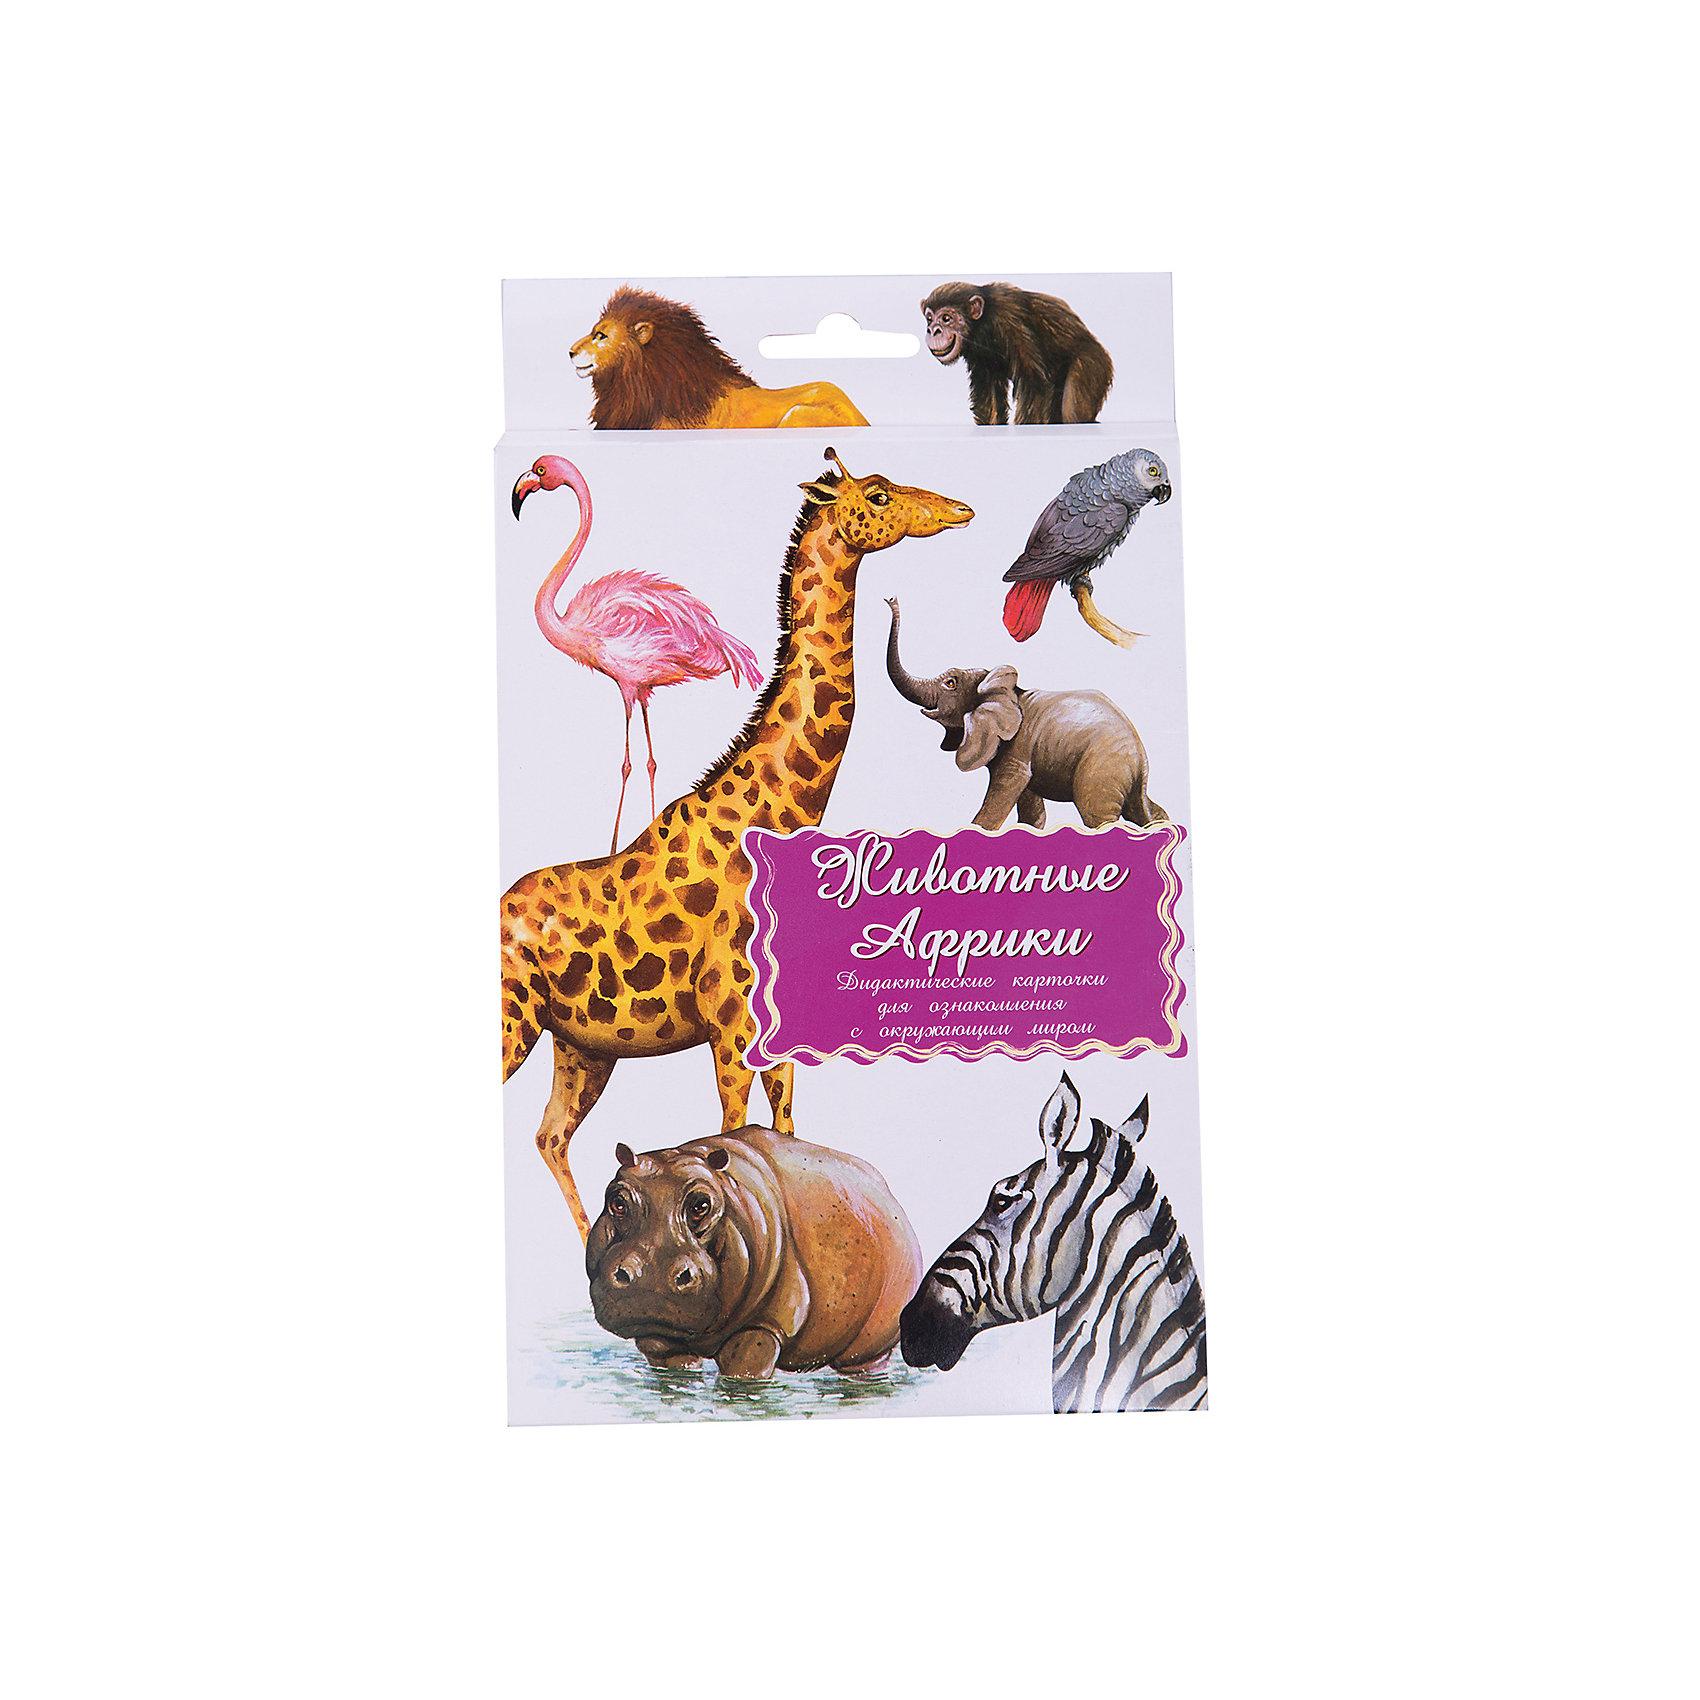 Дидактические карточки Животные АфрикиТематические комплекты дидактических карточек помогут познакомить ребенка с окружающим миром, развить речевые умения, научить сравнивать, классифицировать, обобщать. Карточки рекомендуются родителям для познавательных игр с детьми и занятий  по методике Г.Домана.  Могут использоваться в индивидуальной и групповой работе логопедами, психологами, воспитателями детских садов, учителями начальных классов.  В каждом комплекте 16 карточек, каждая из которых содержит интересную познавательную информацию об изображенном на ней предмете.<br><br>Ширина мм: 150<br>Глубина мм: 90<br>Высота мм: 90<br>Вес г: 200<br>Возраст от месяцев: 36<br>Возраст до месяцев: 2147483647<br>Пол: Унисекс<br>Возраст: Детский<br>SKU: 4802969